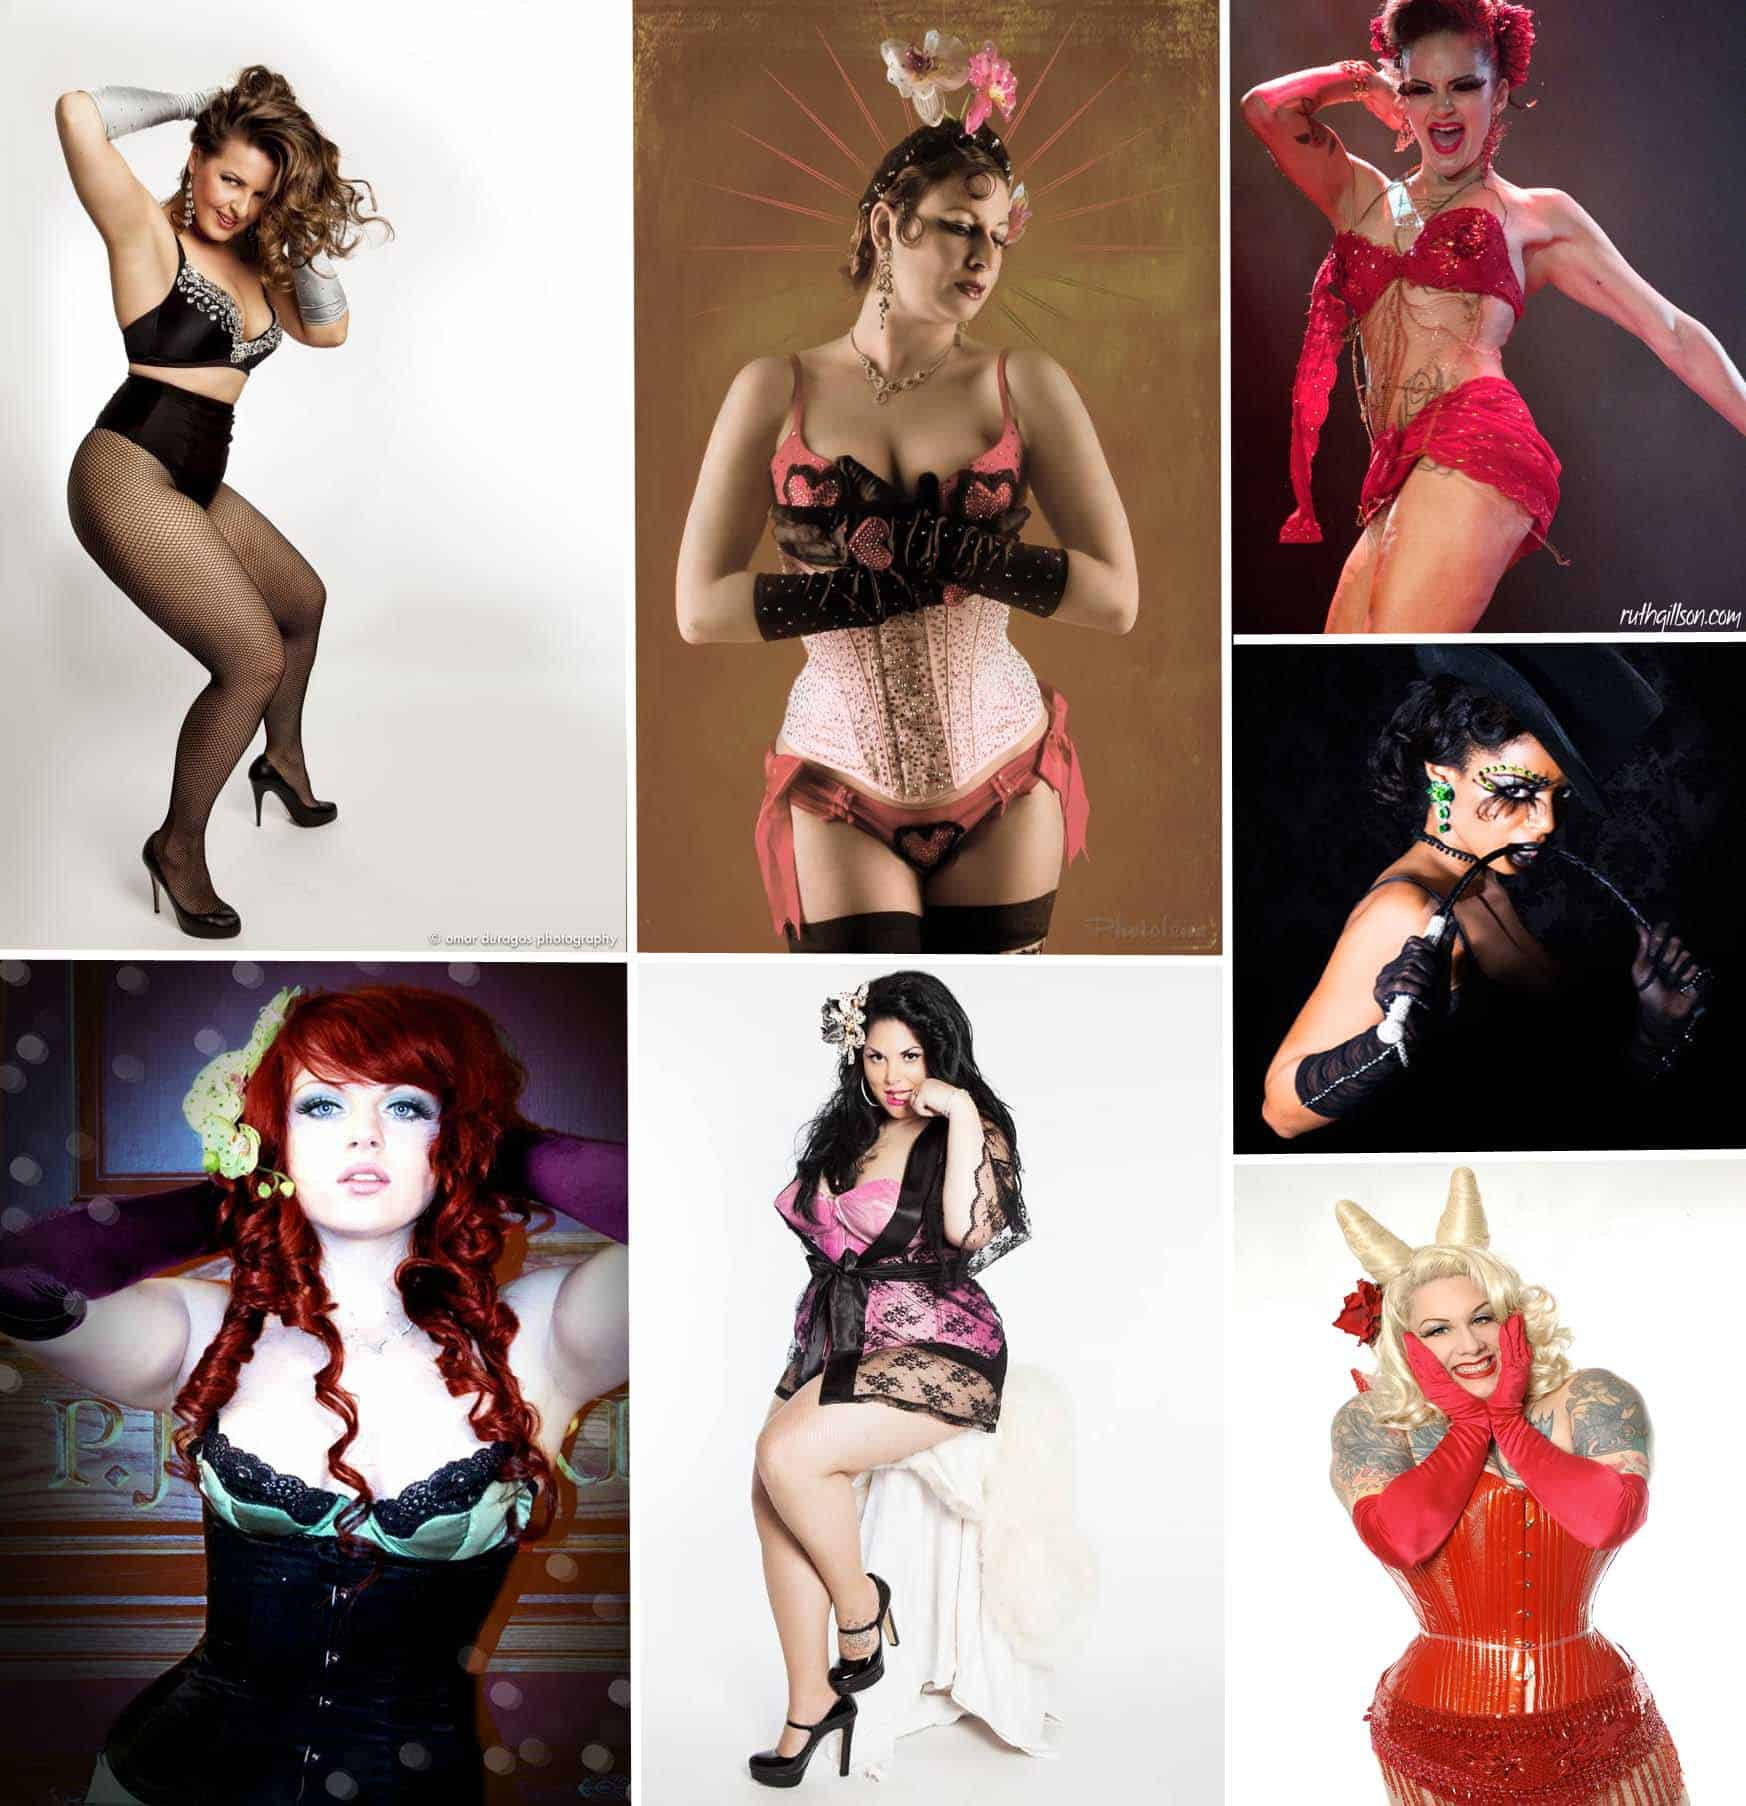 burlesquefest